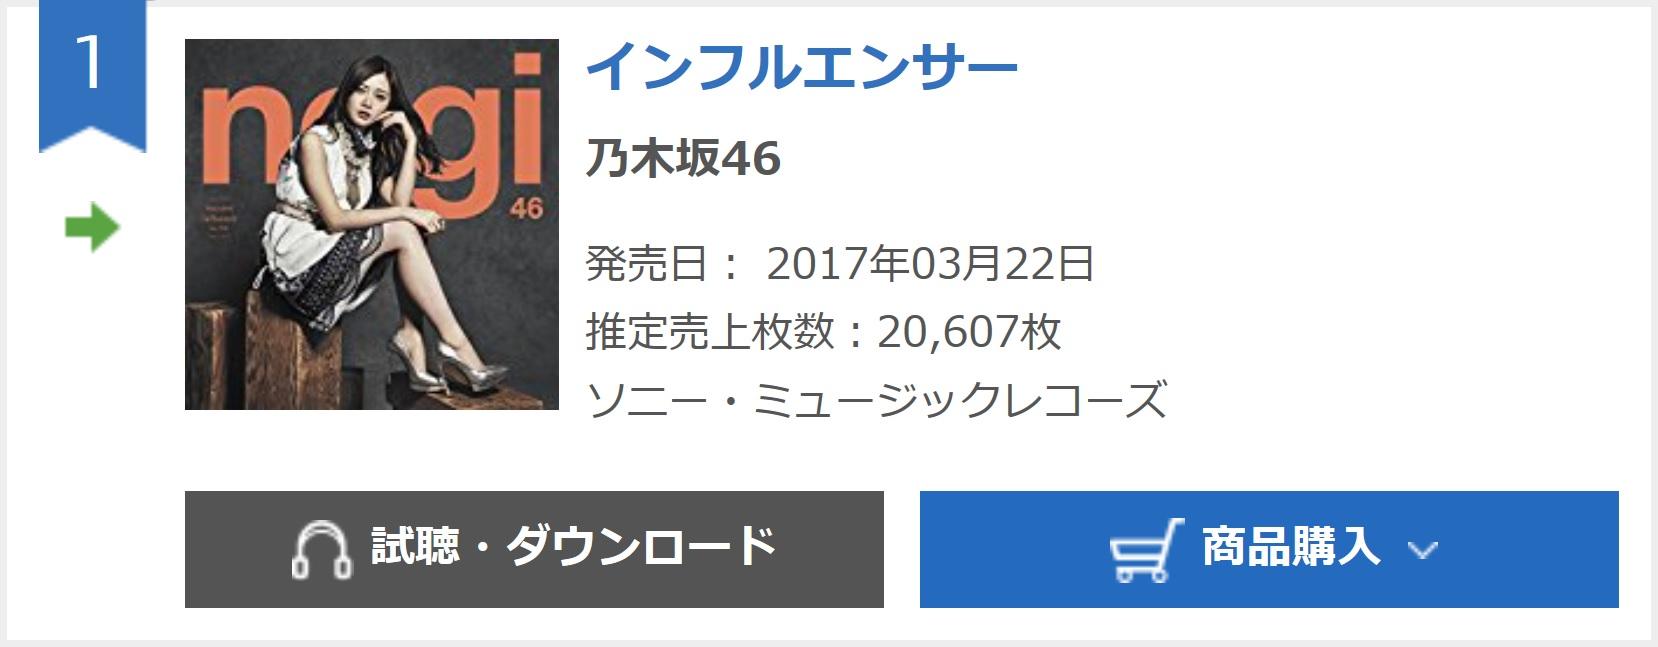 乃木坂46『インフルエンサー』4日目20,607枚 計847,233枚